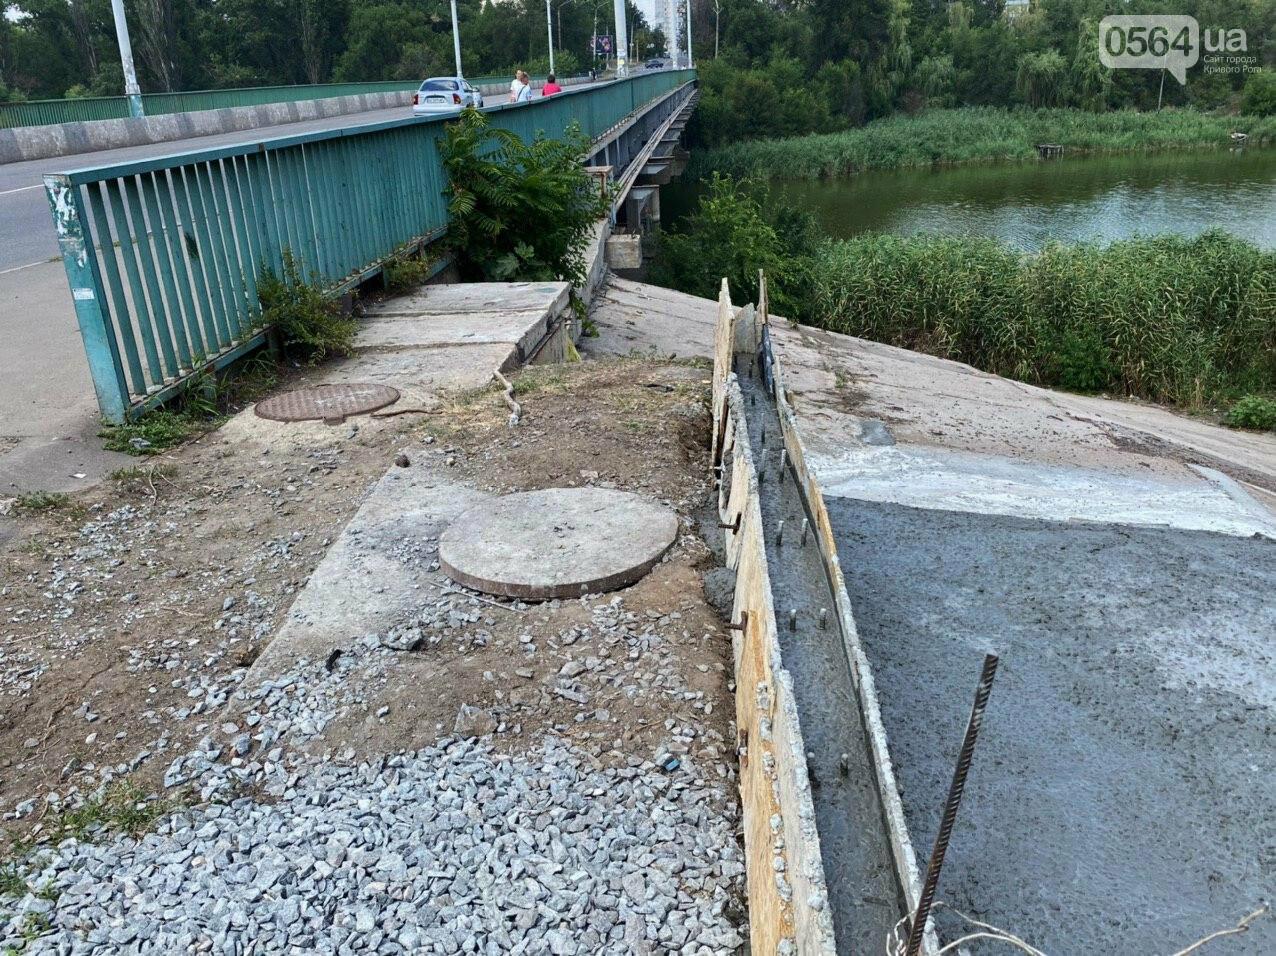 В Кривом Роге опять ремонтируют мост, где 5 лет назад произошло ЧП, - ФОТО , фото-8